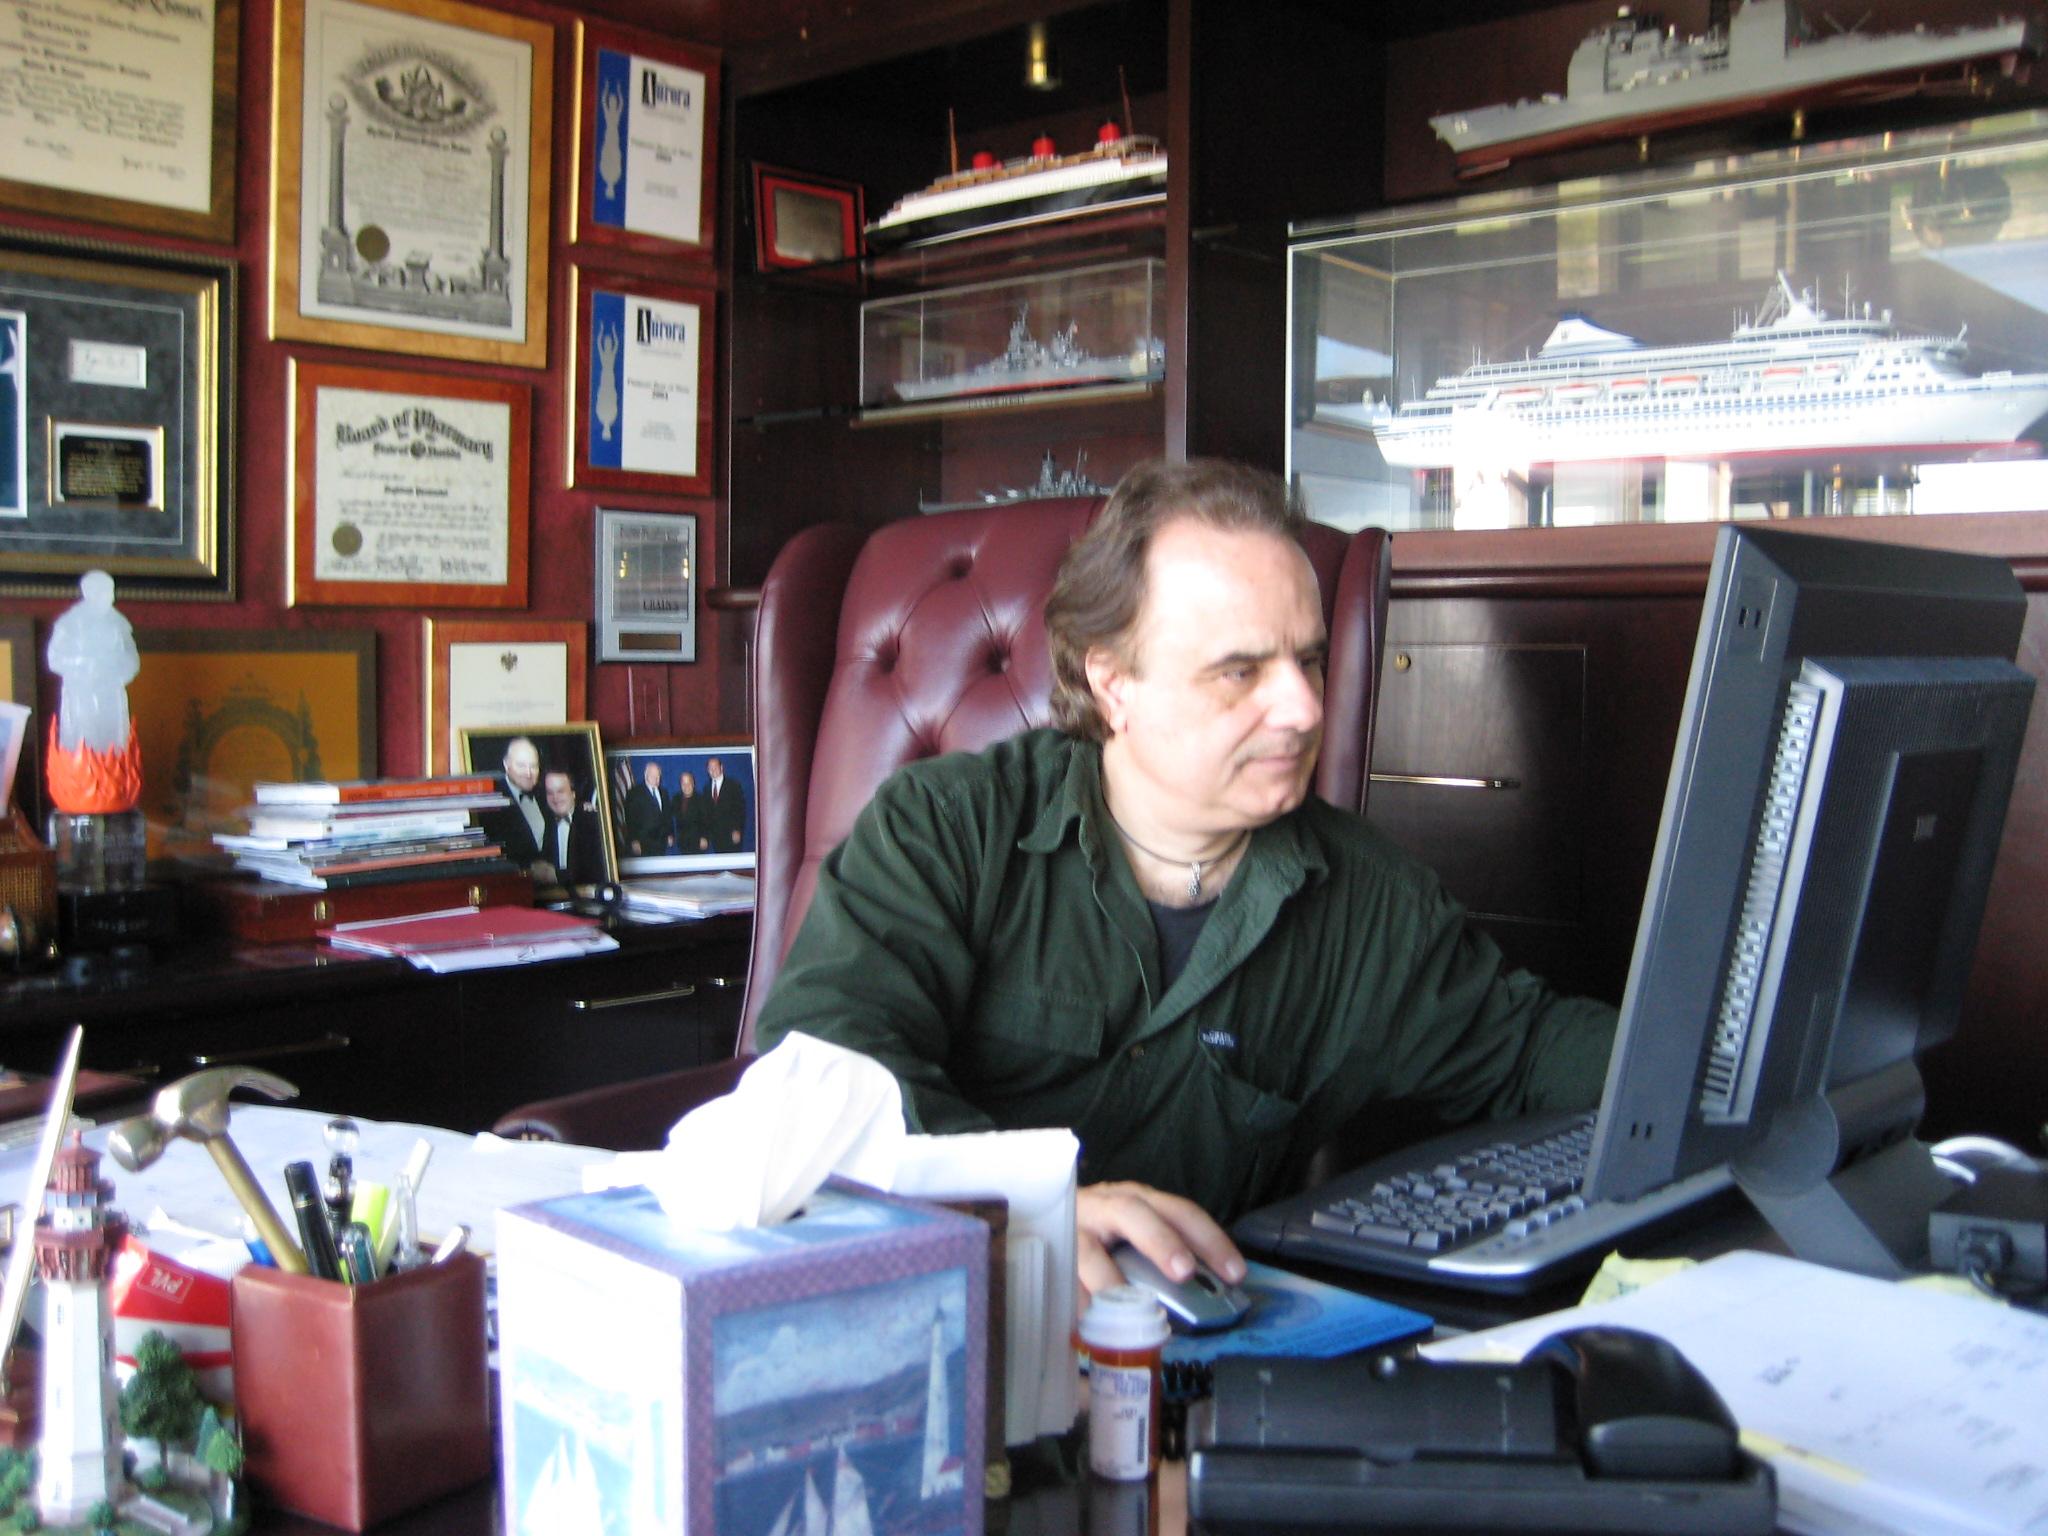 Julius R. Nasso wwwmoldeacomIMG0036JPG